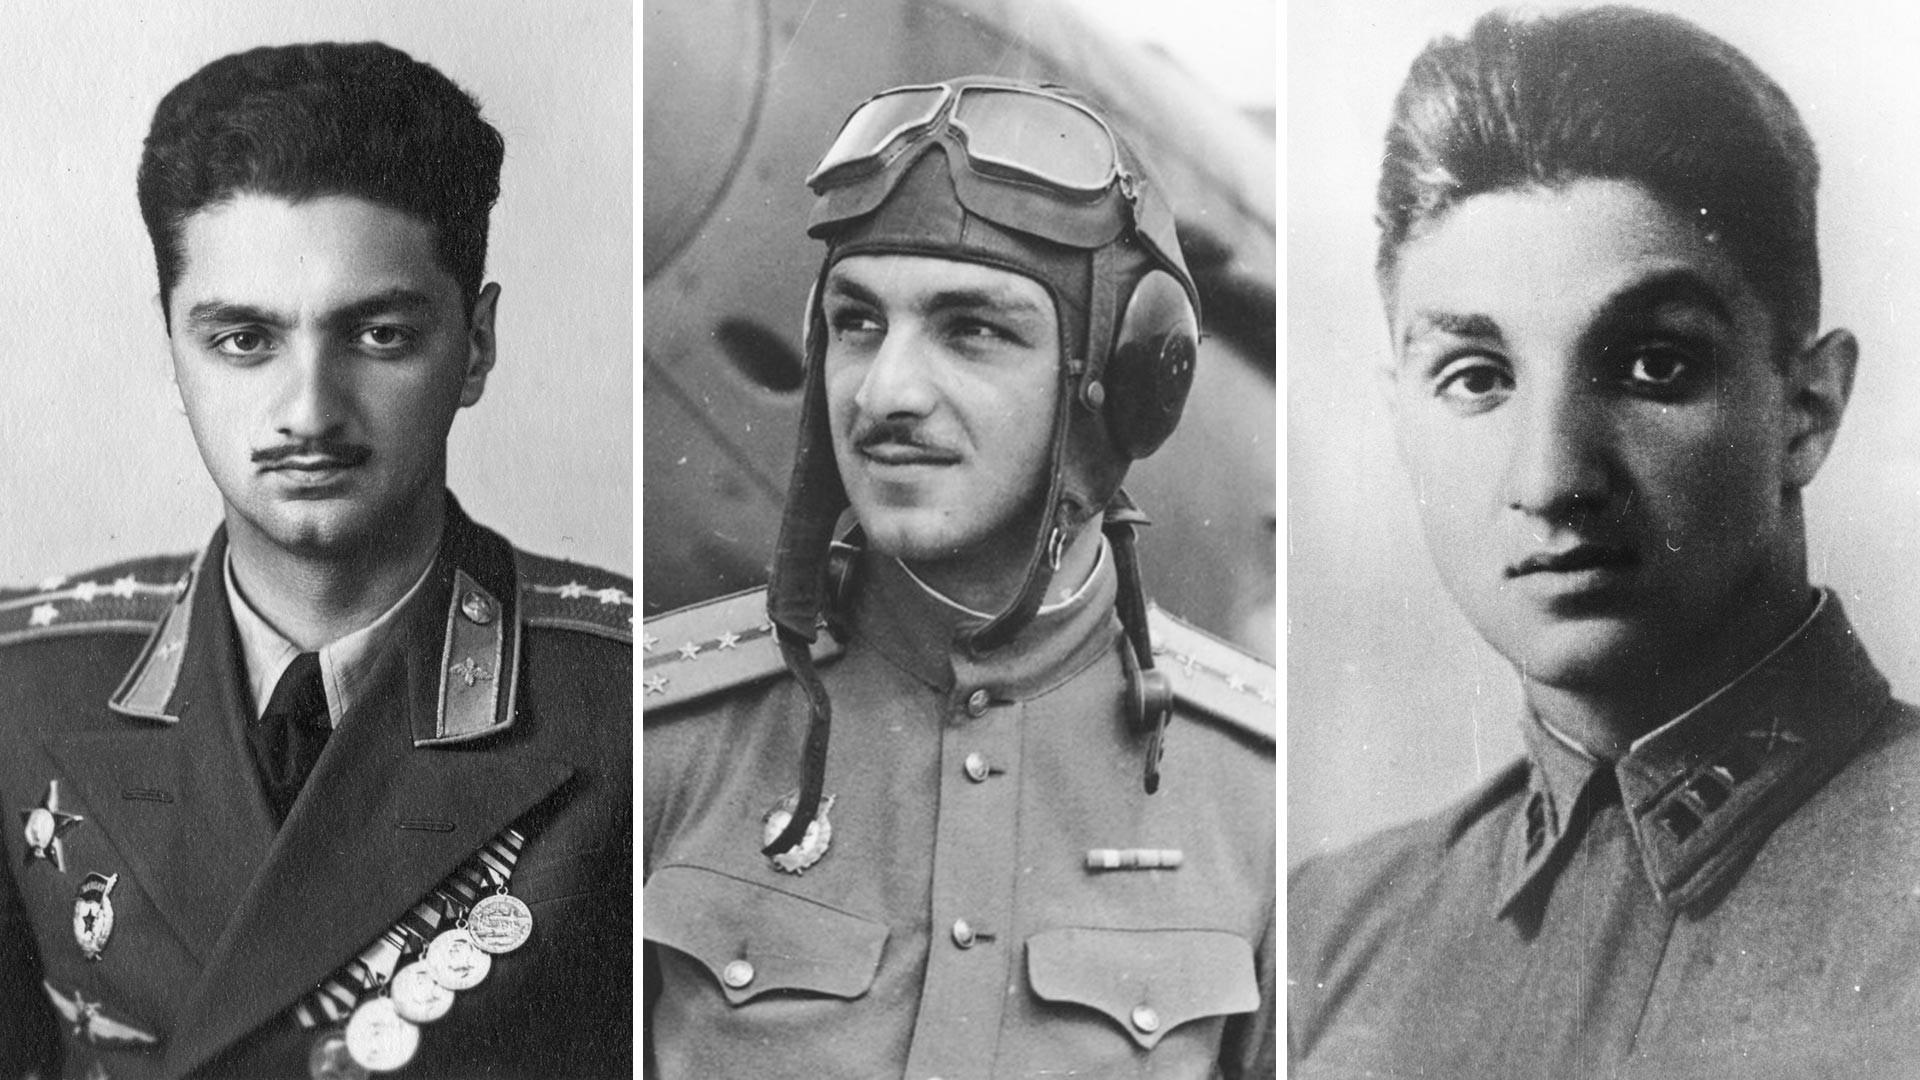 (Dari kiri) Aleksey, Stepan, dan Vladimir Mikoyan.